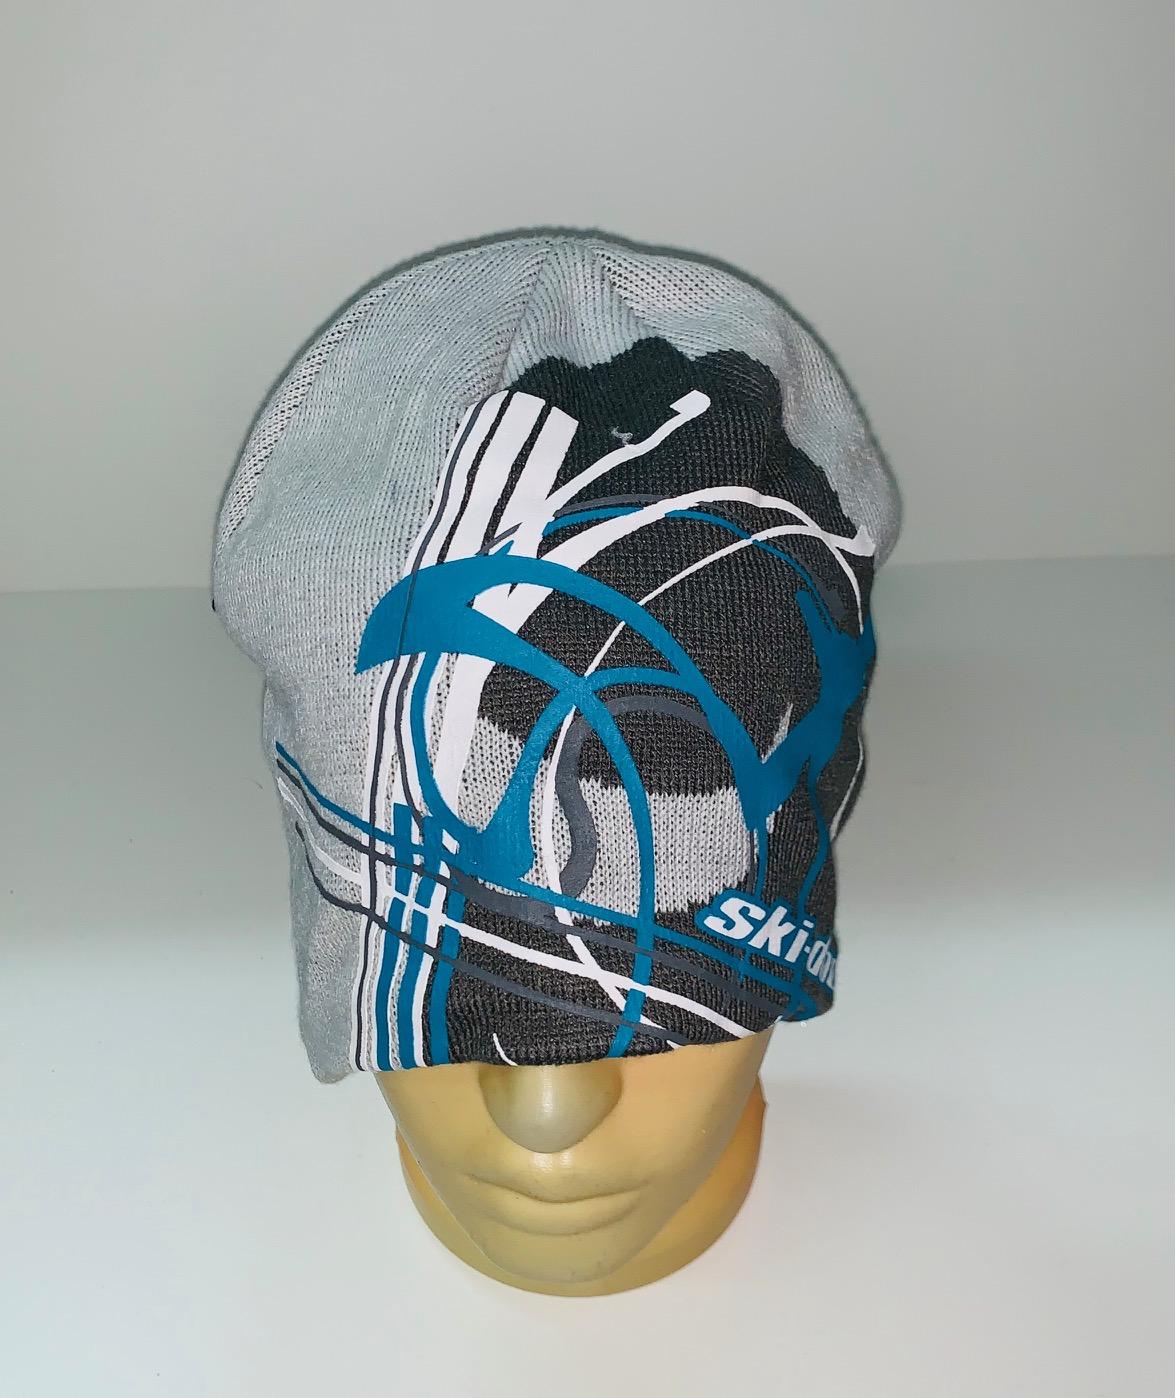 Зачетная шапка Ski-Doo